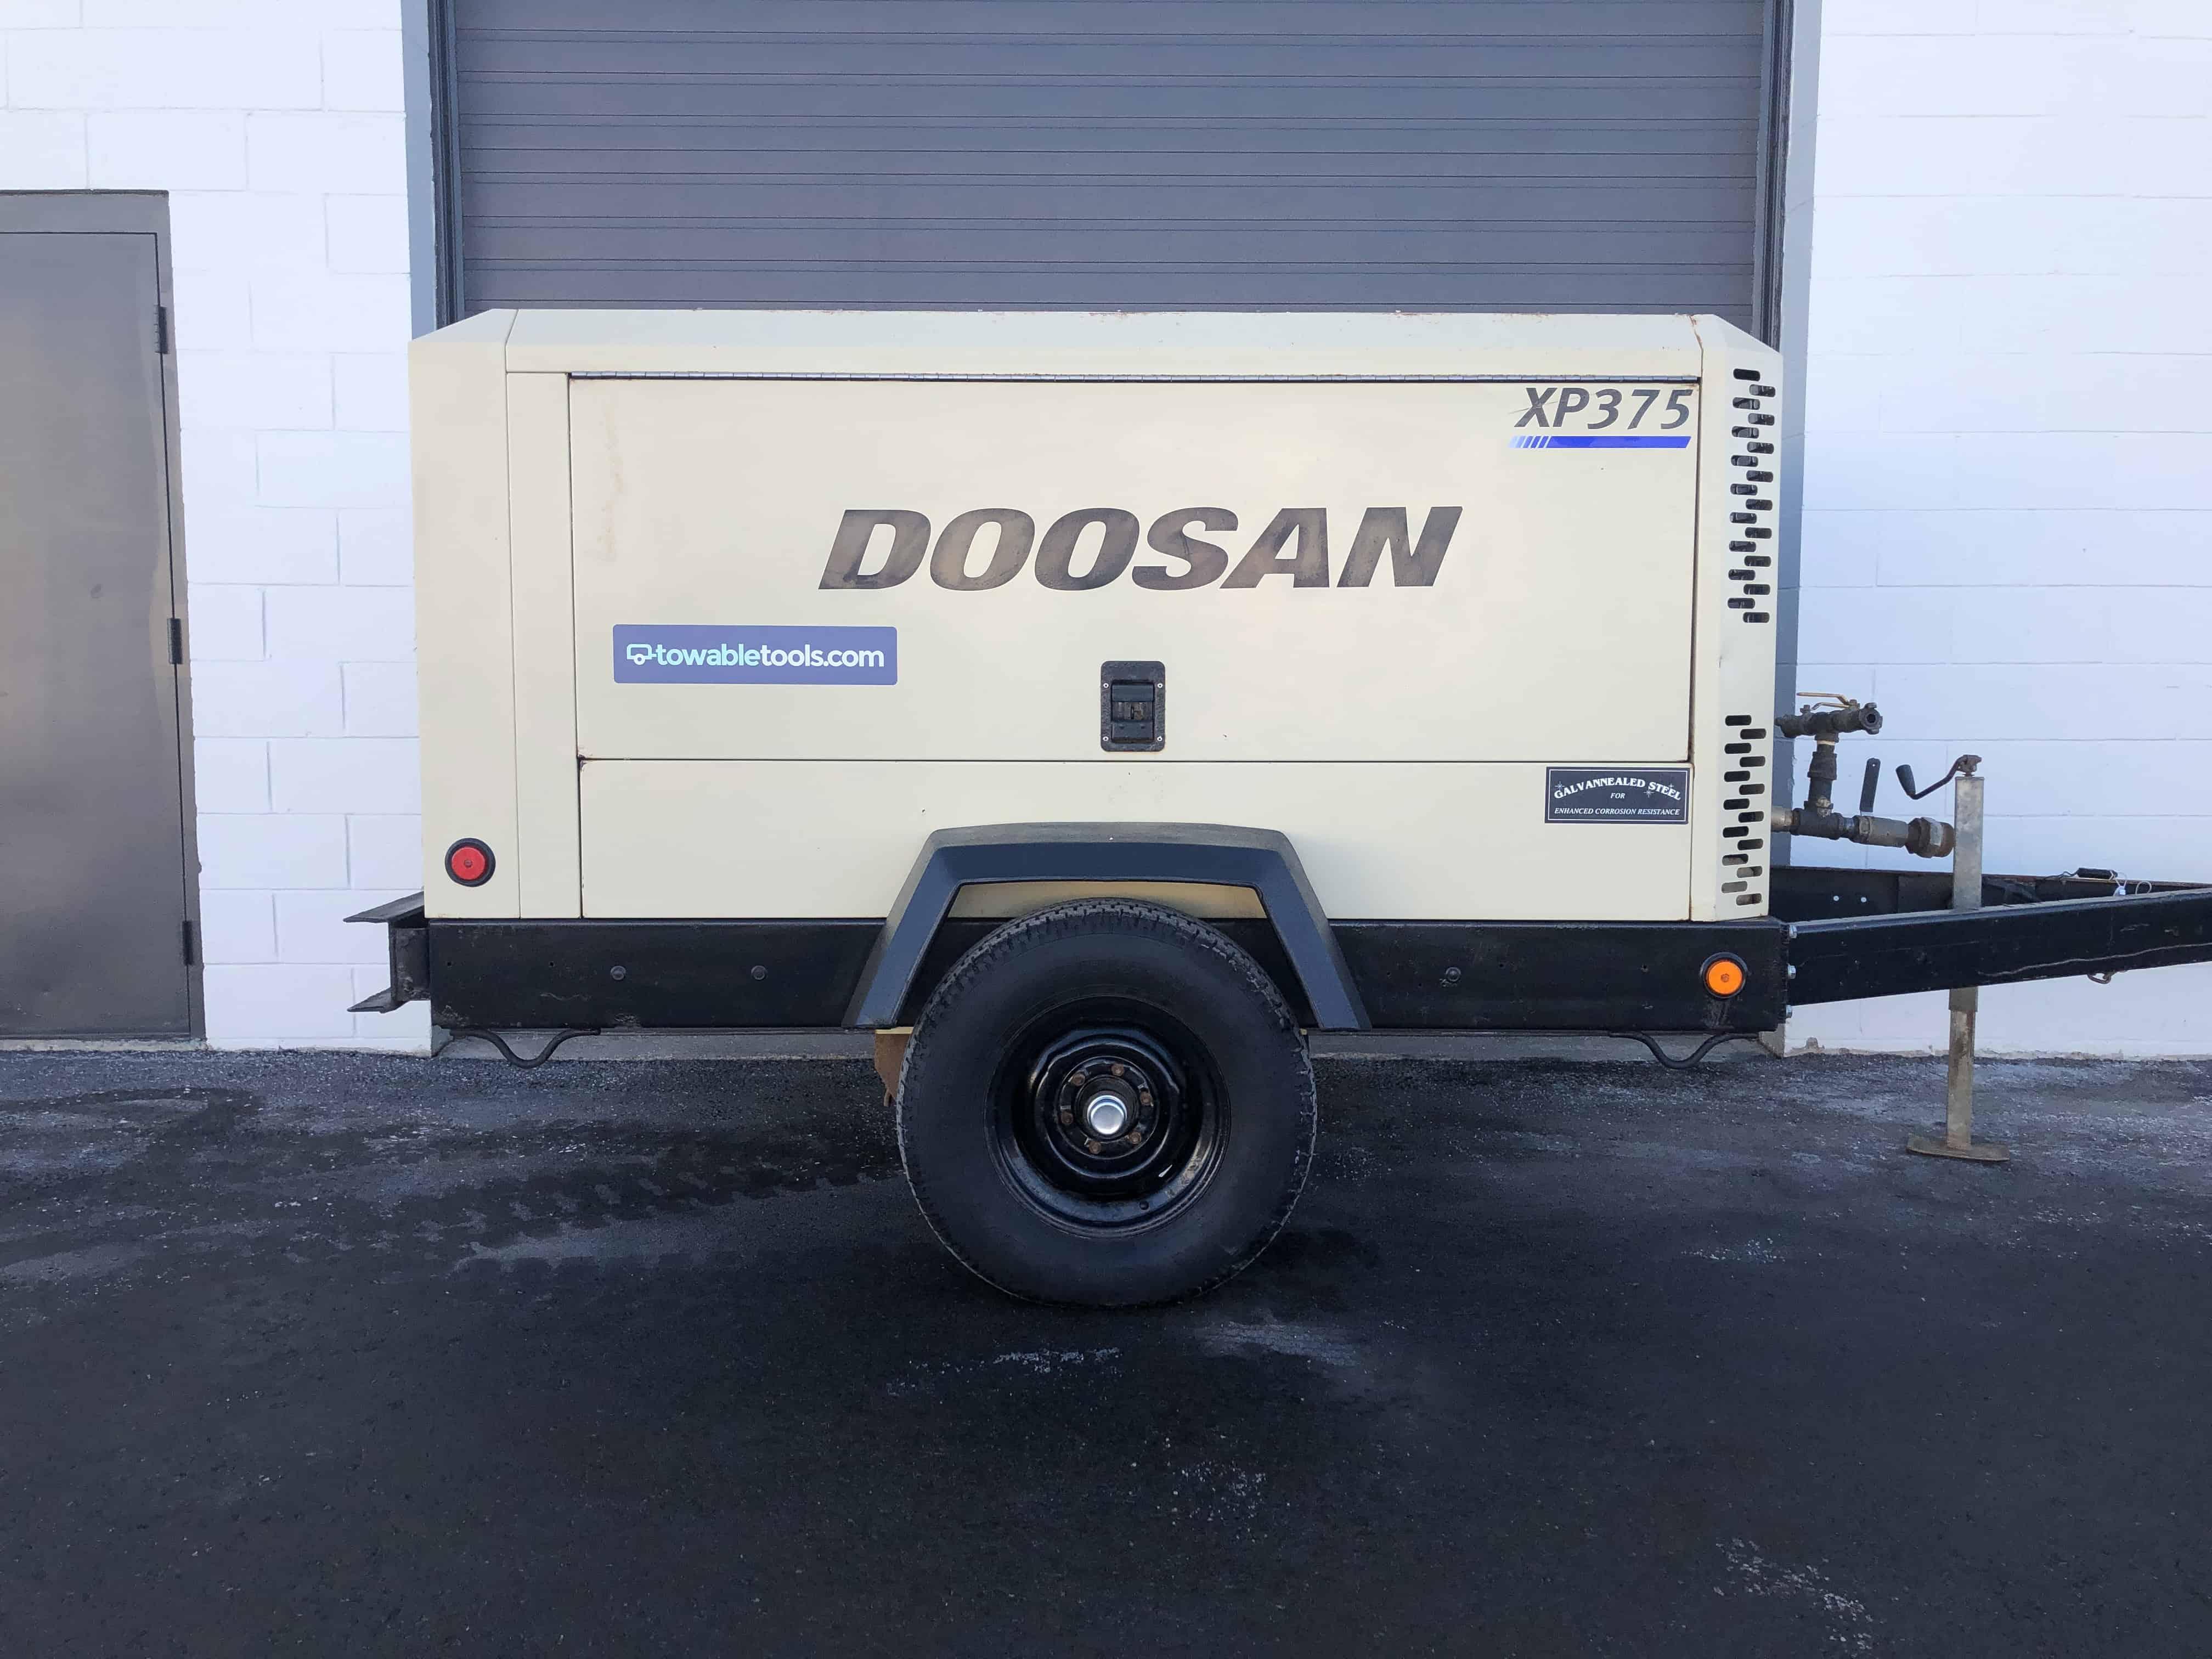 Doosan XP375WJD-FX-T3 Air Compressor for sale Towable Tools Calgary Alberta Canada